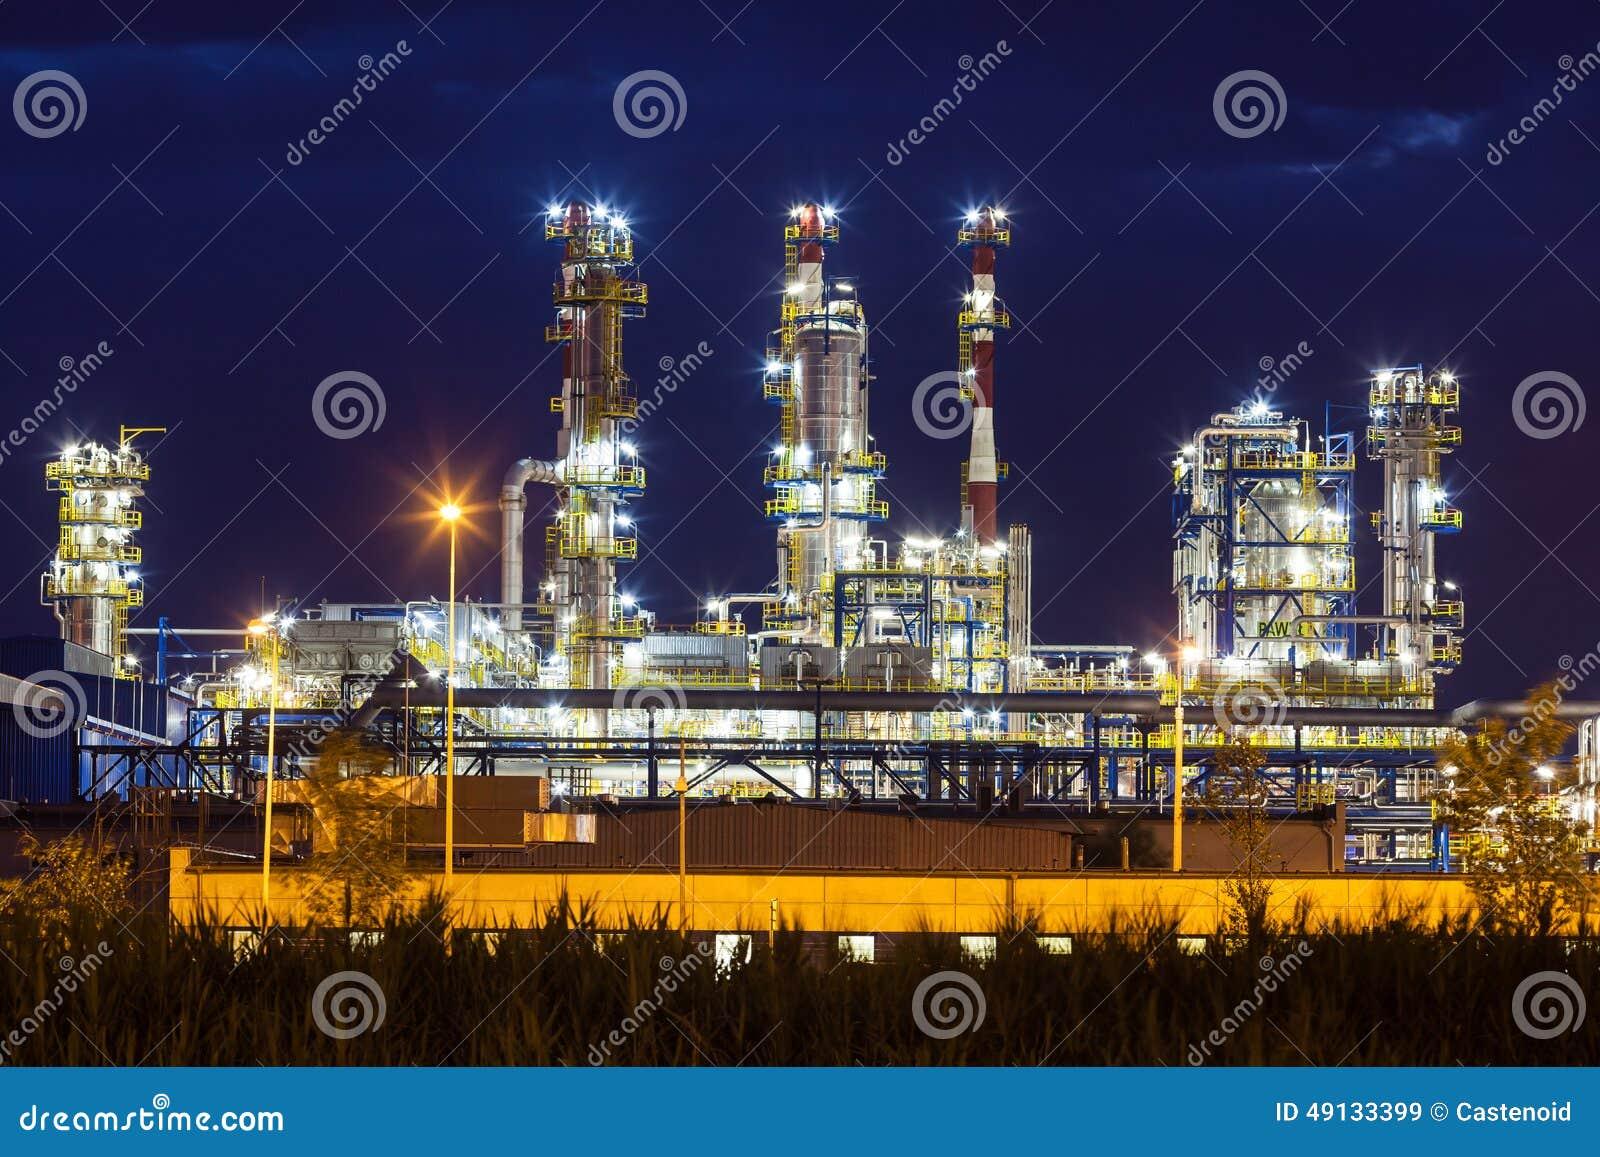 La planta petroquímica de la refinería de petróleo brilla